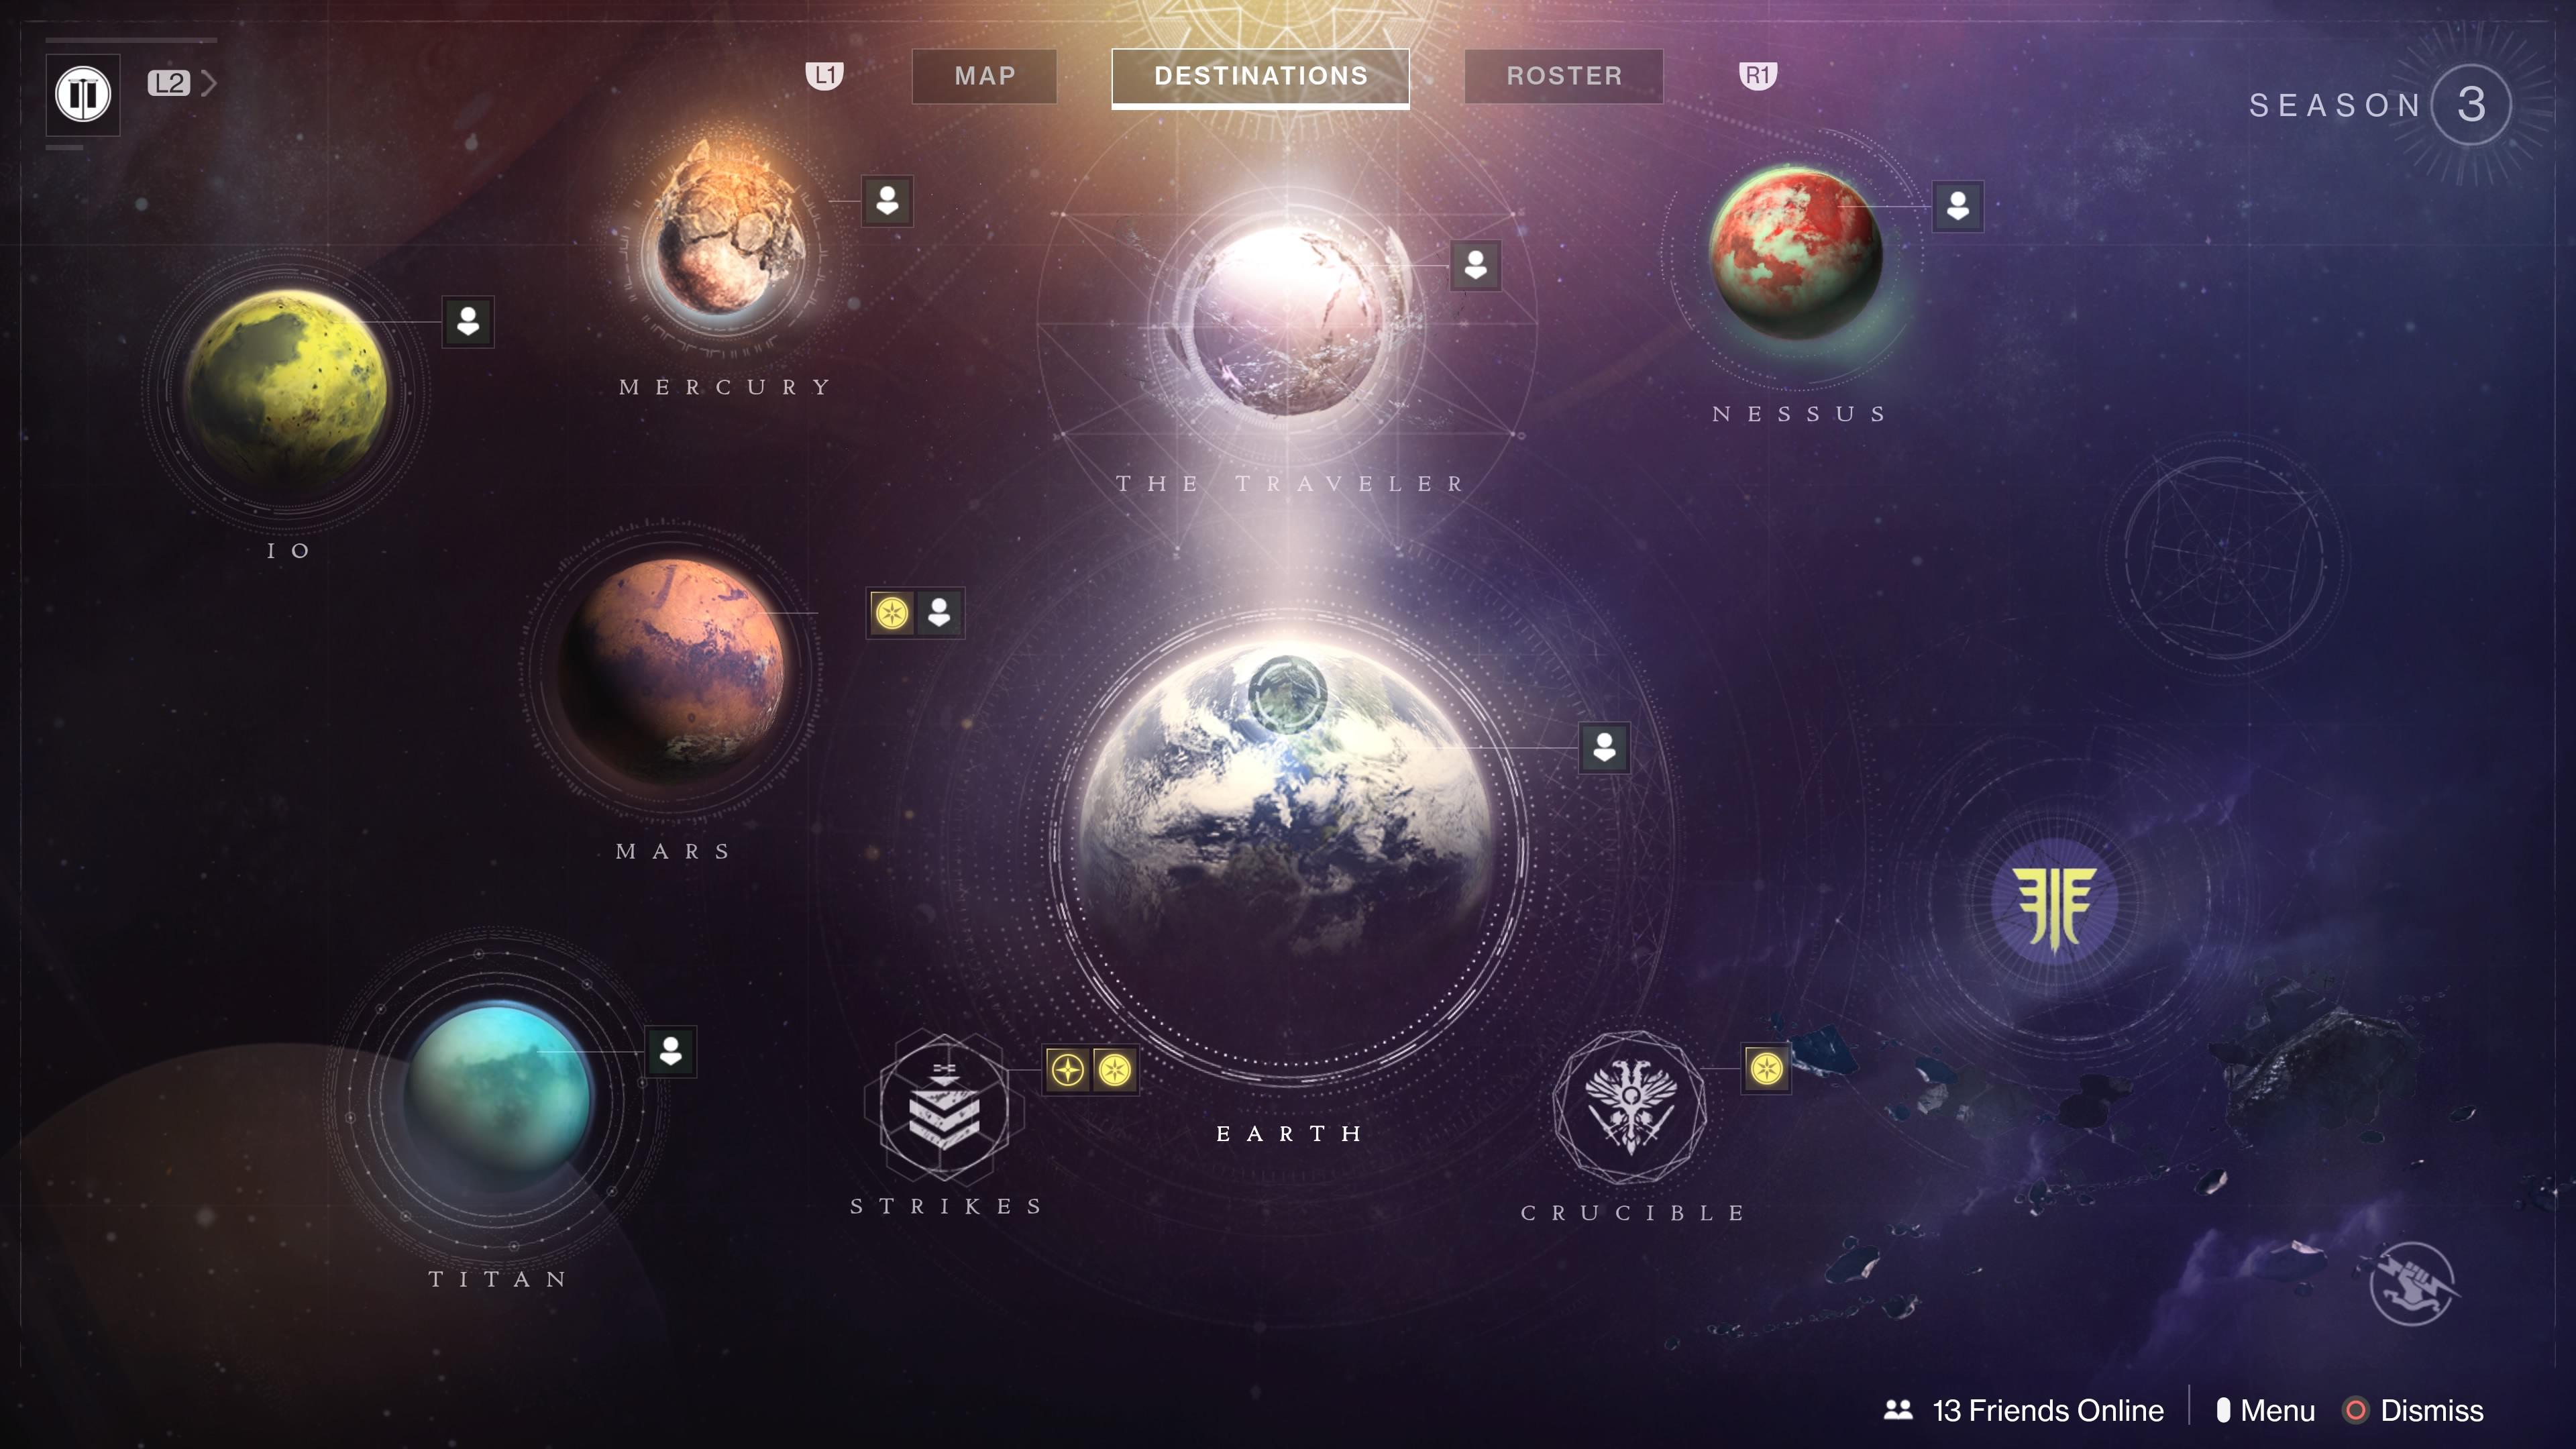 Destiny 2: Forsaken Launch Party